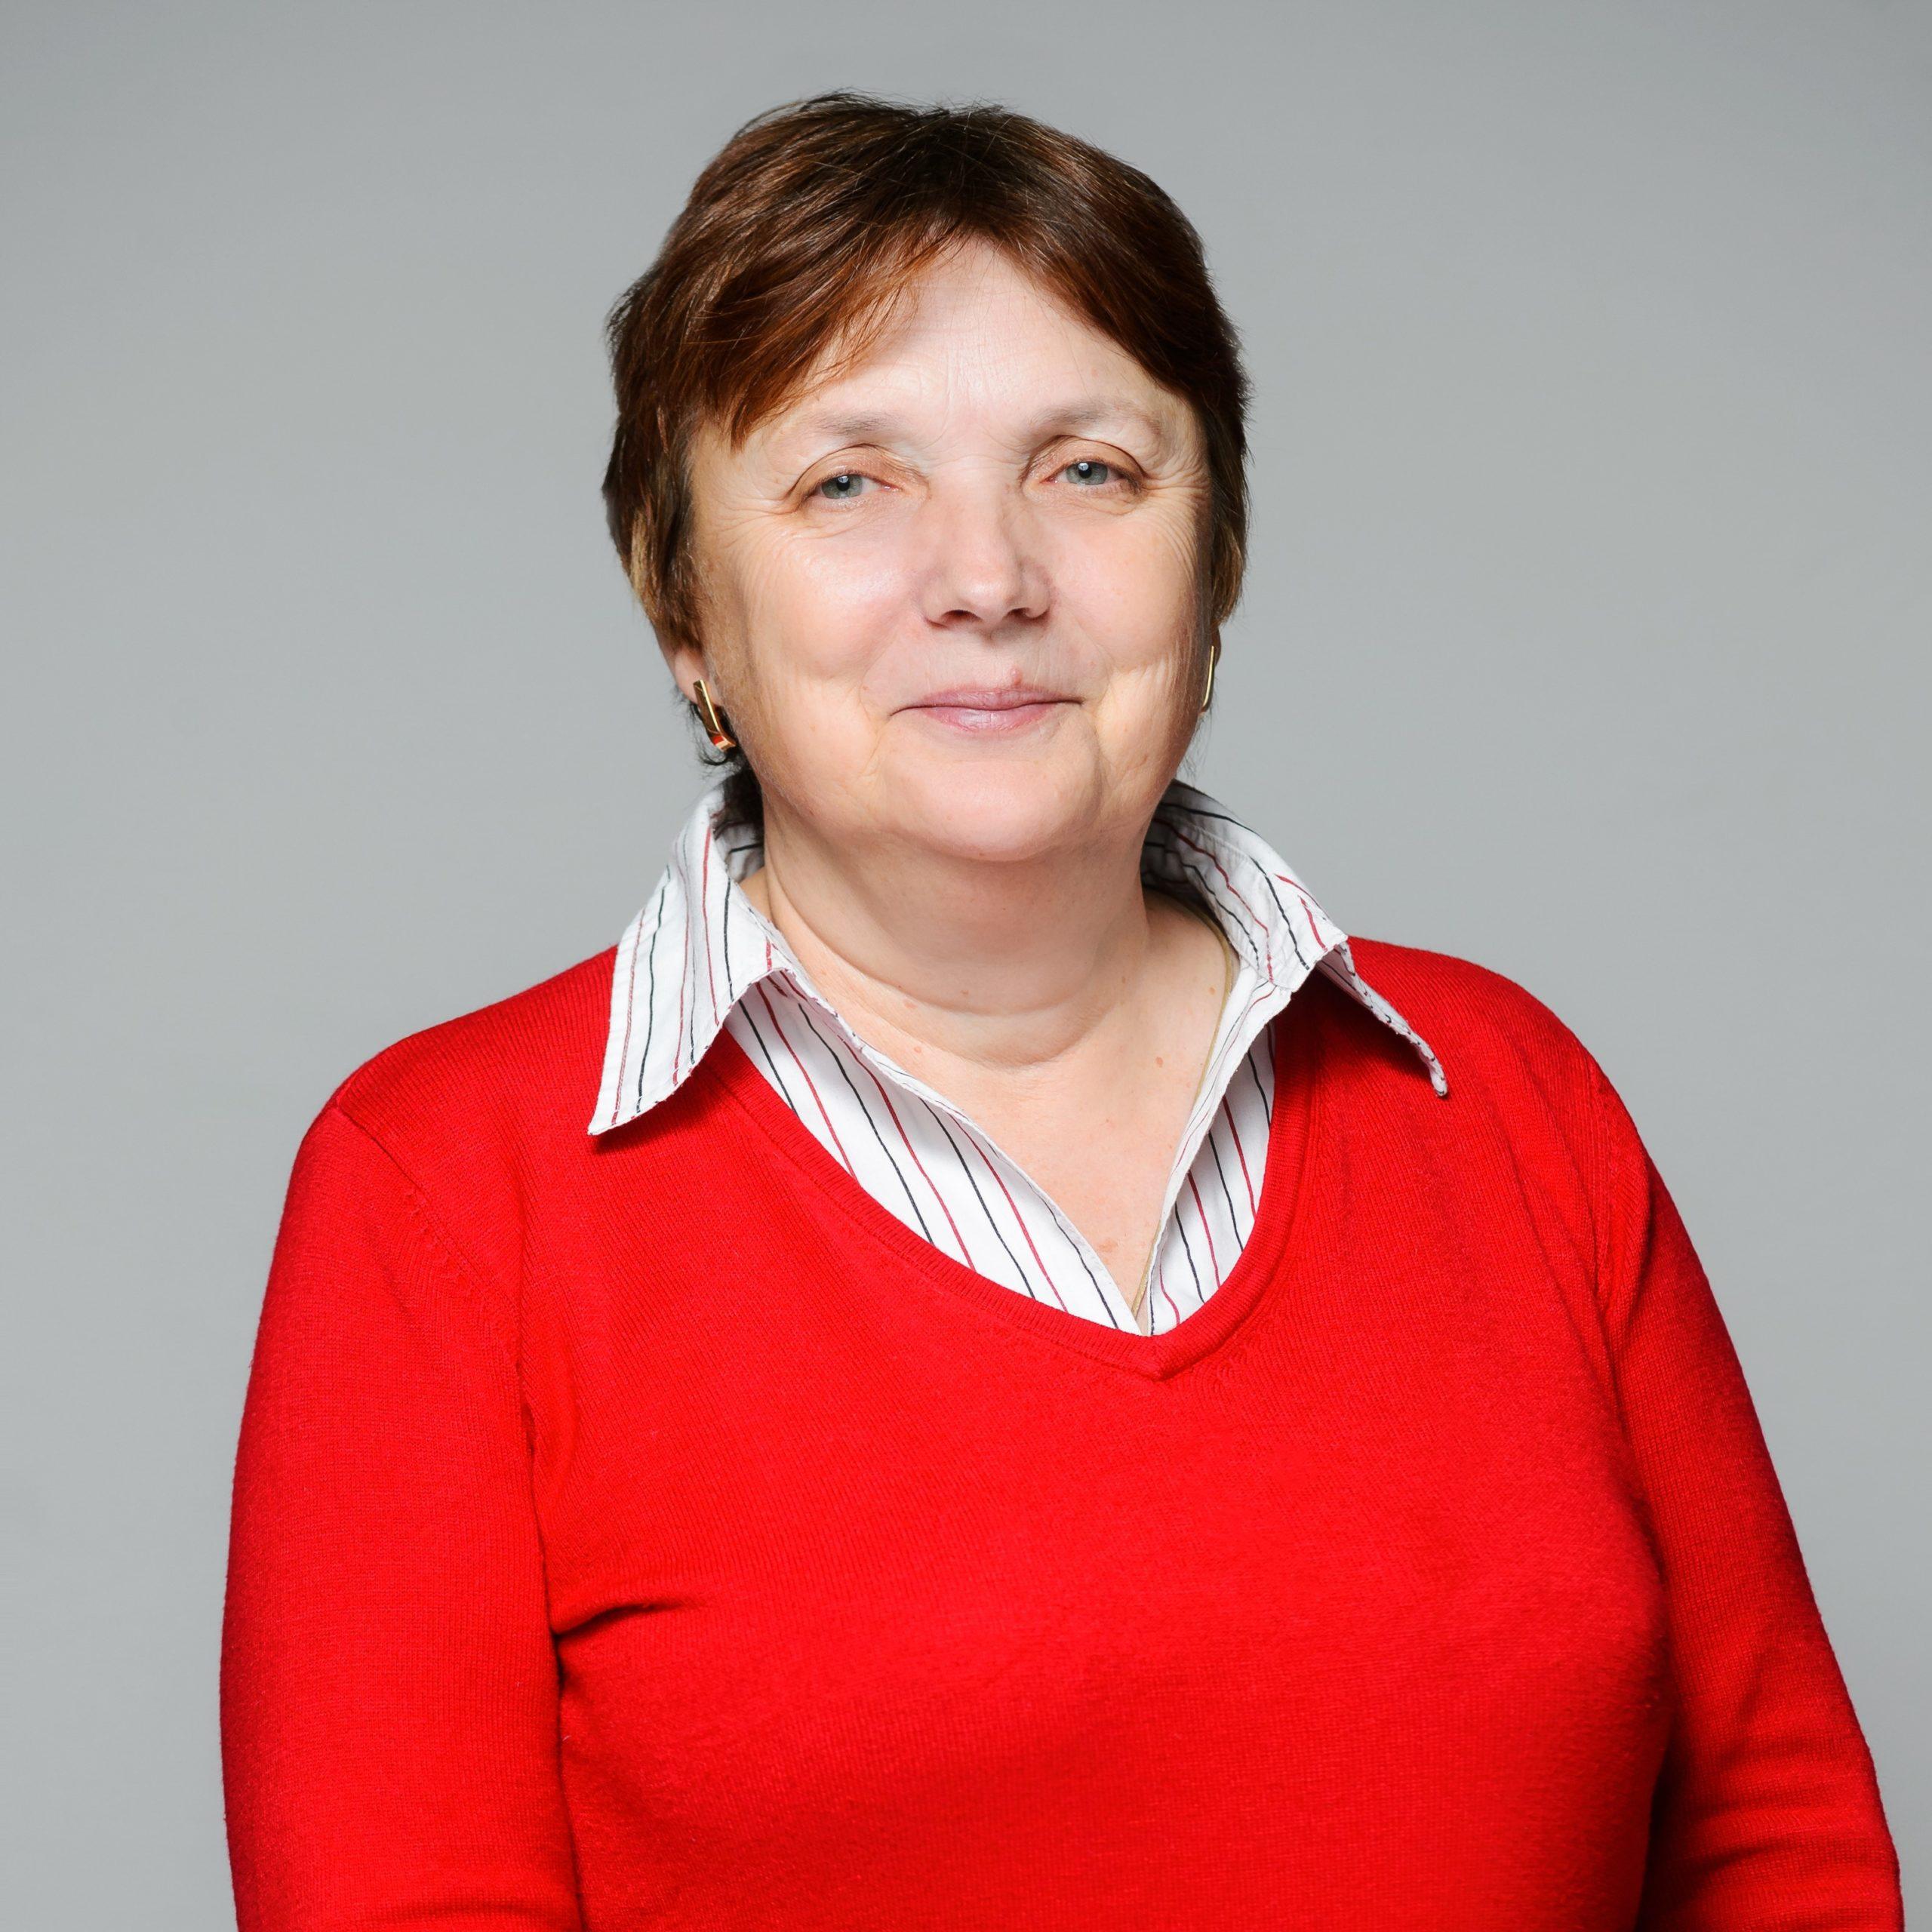 Кочетова Ирина Владимировна